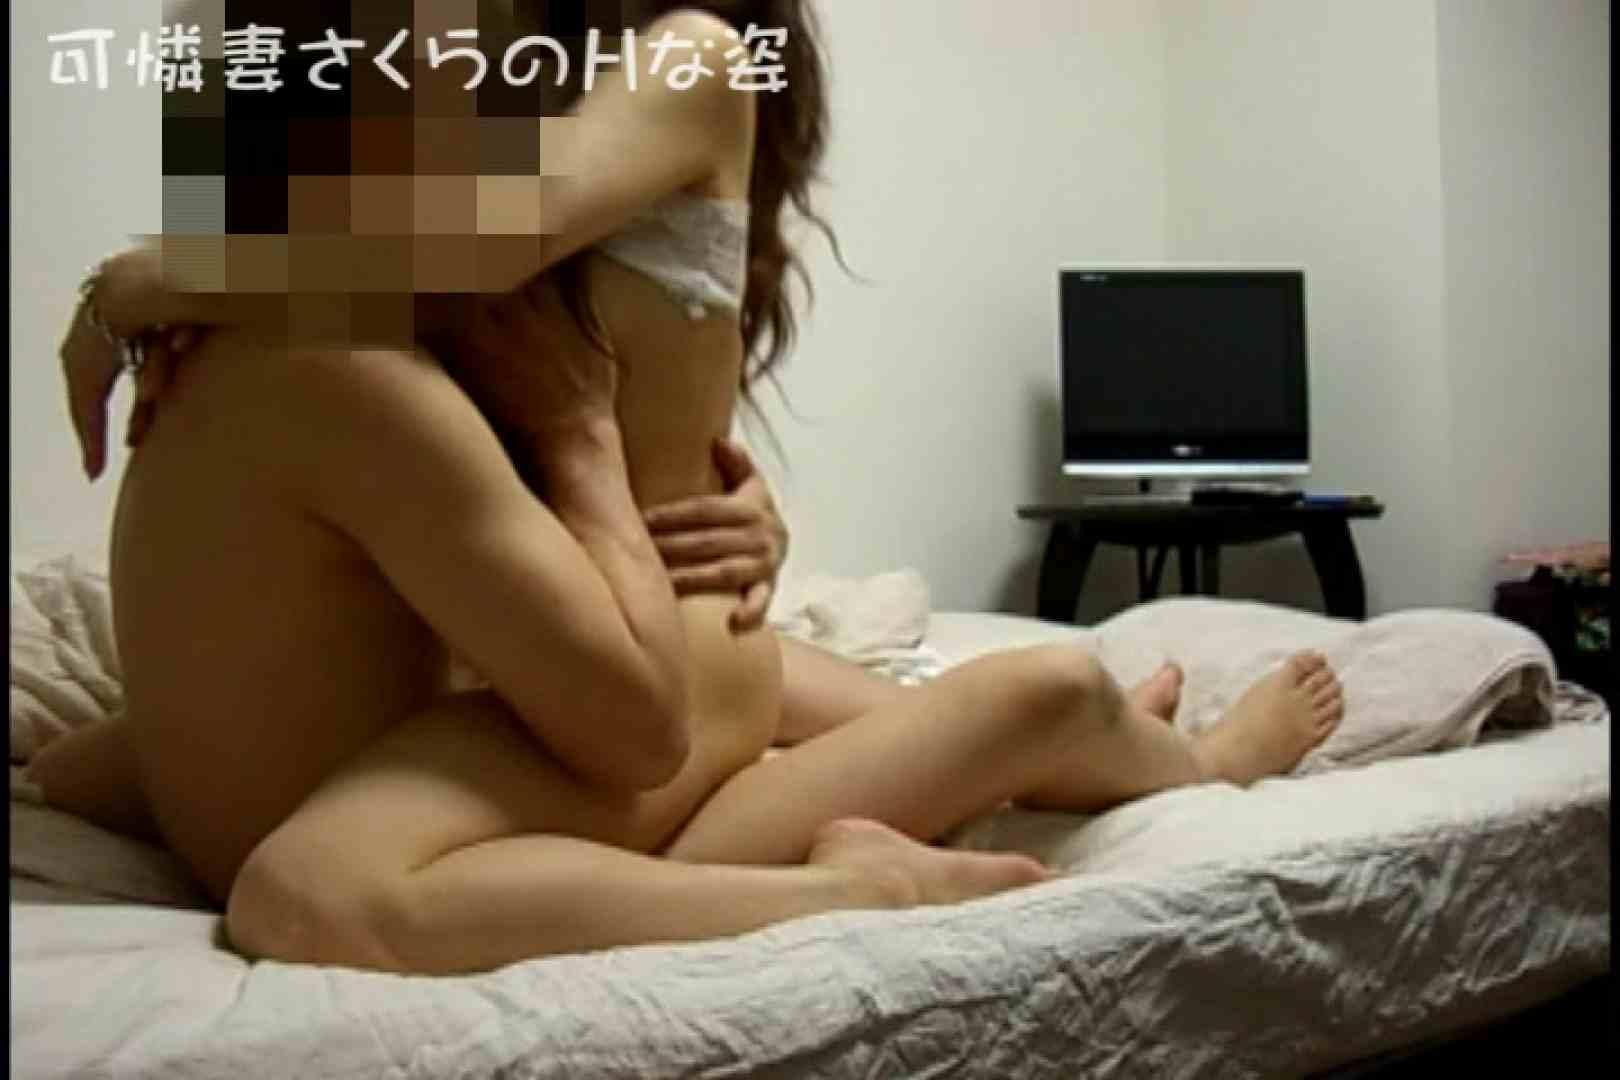 可憐妻さくらのHな姿vol.4後編 エッチなOL   セックス映像  108枚 83